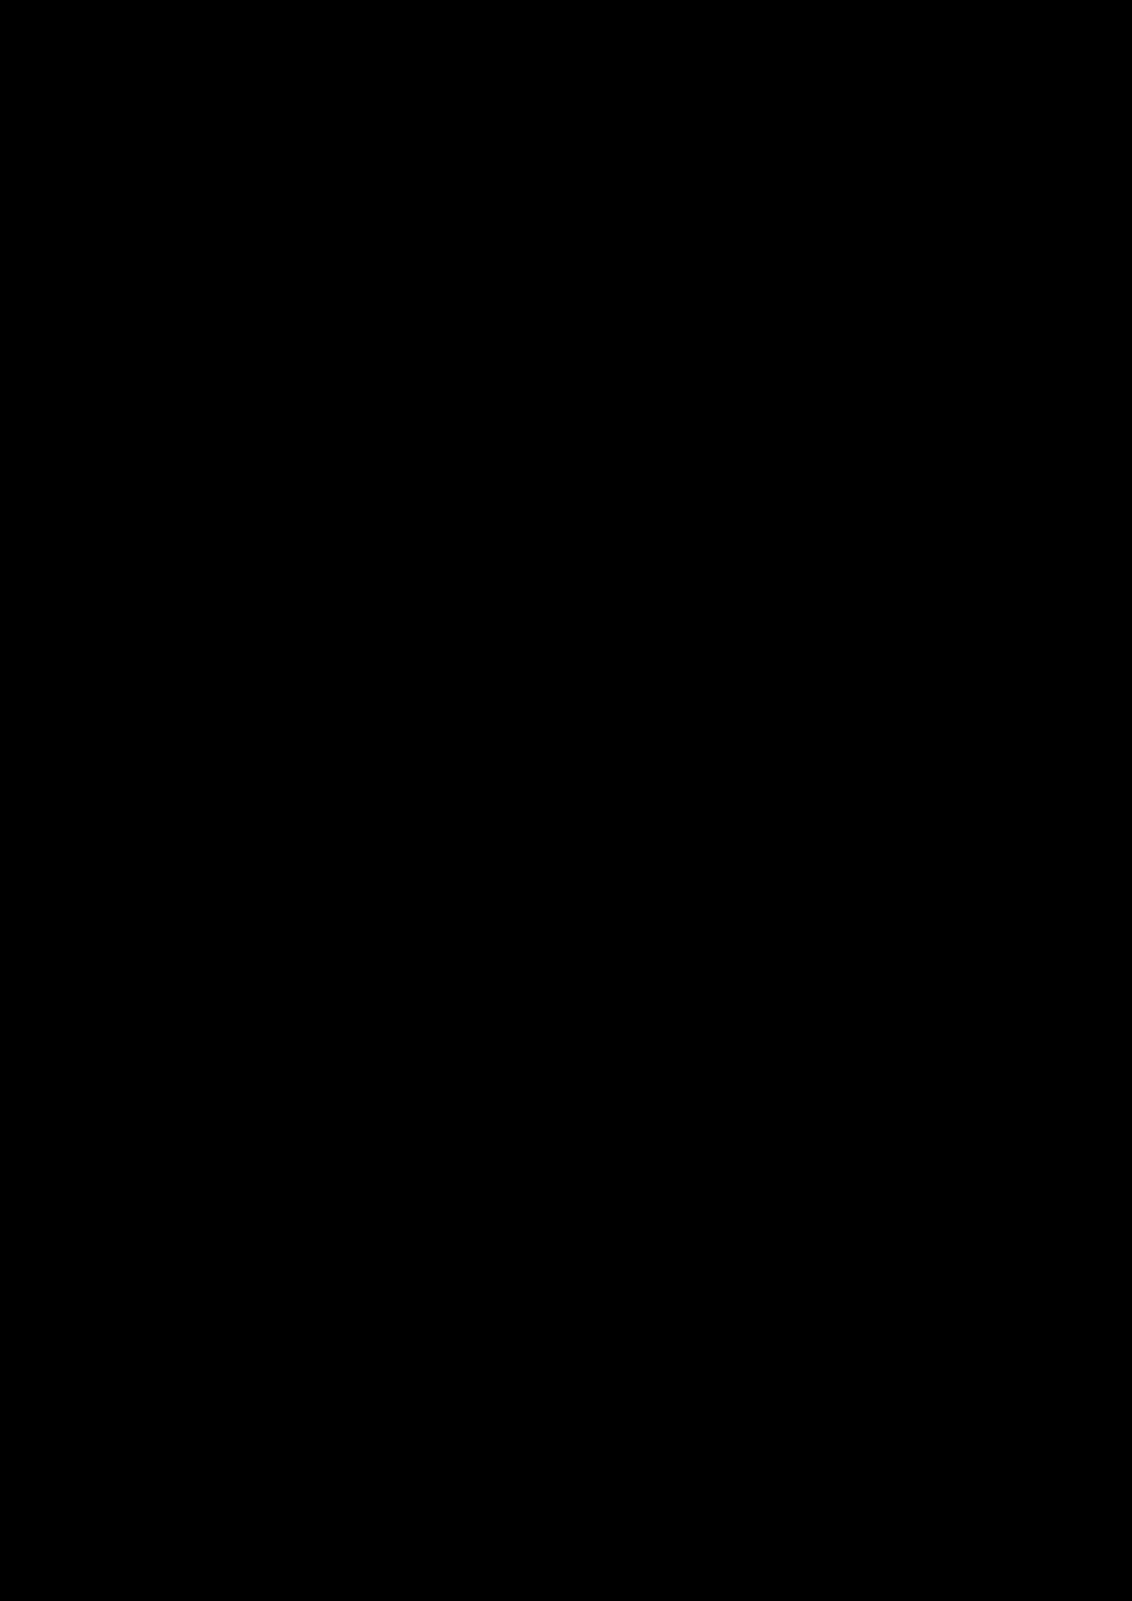 Zagadka volshebnoy stranyi slide, Image 121